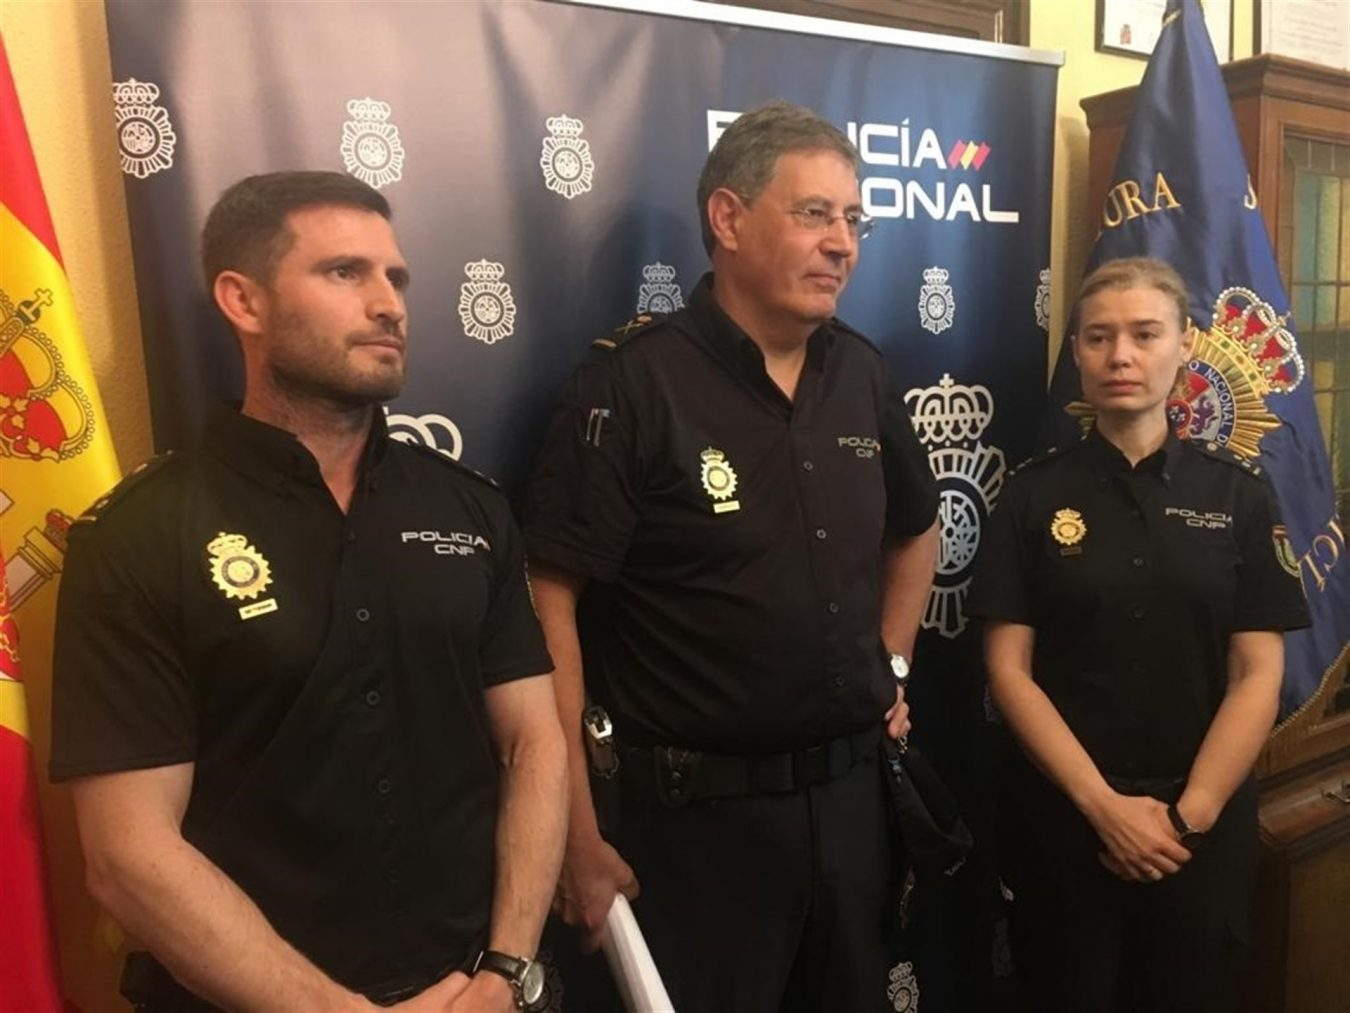 La Policía imputa un delito de homicidio a los tres jóvenes detenidos por la muerte de David Carragal. Uno de ellos es jugador del Ribadesella CF